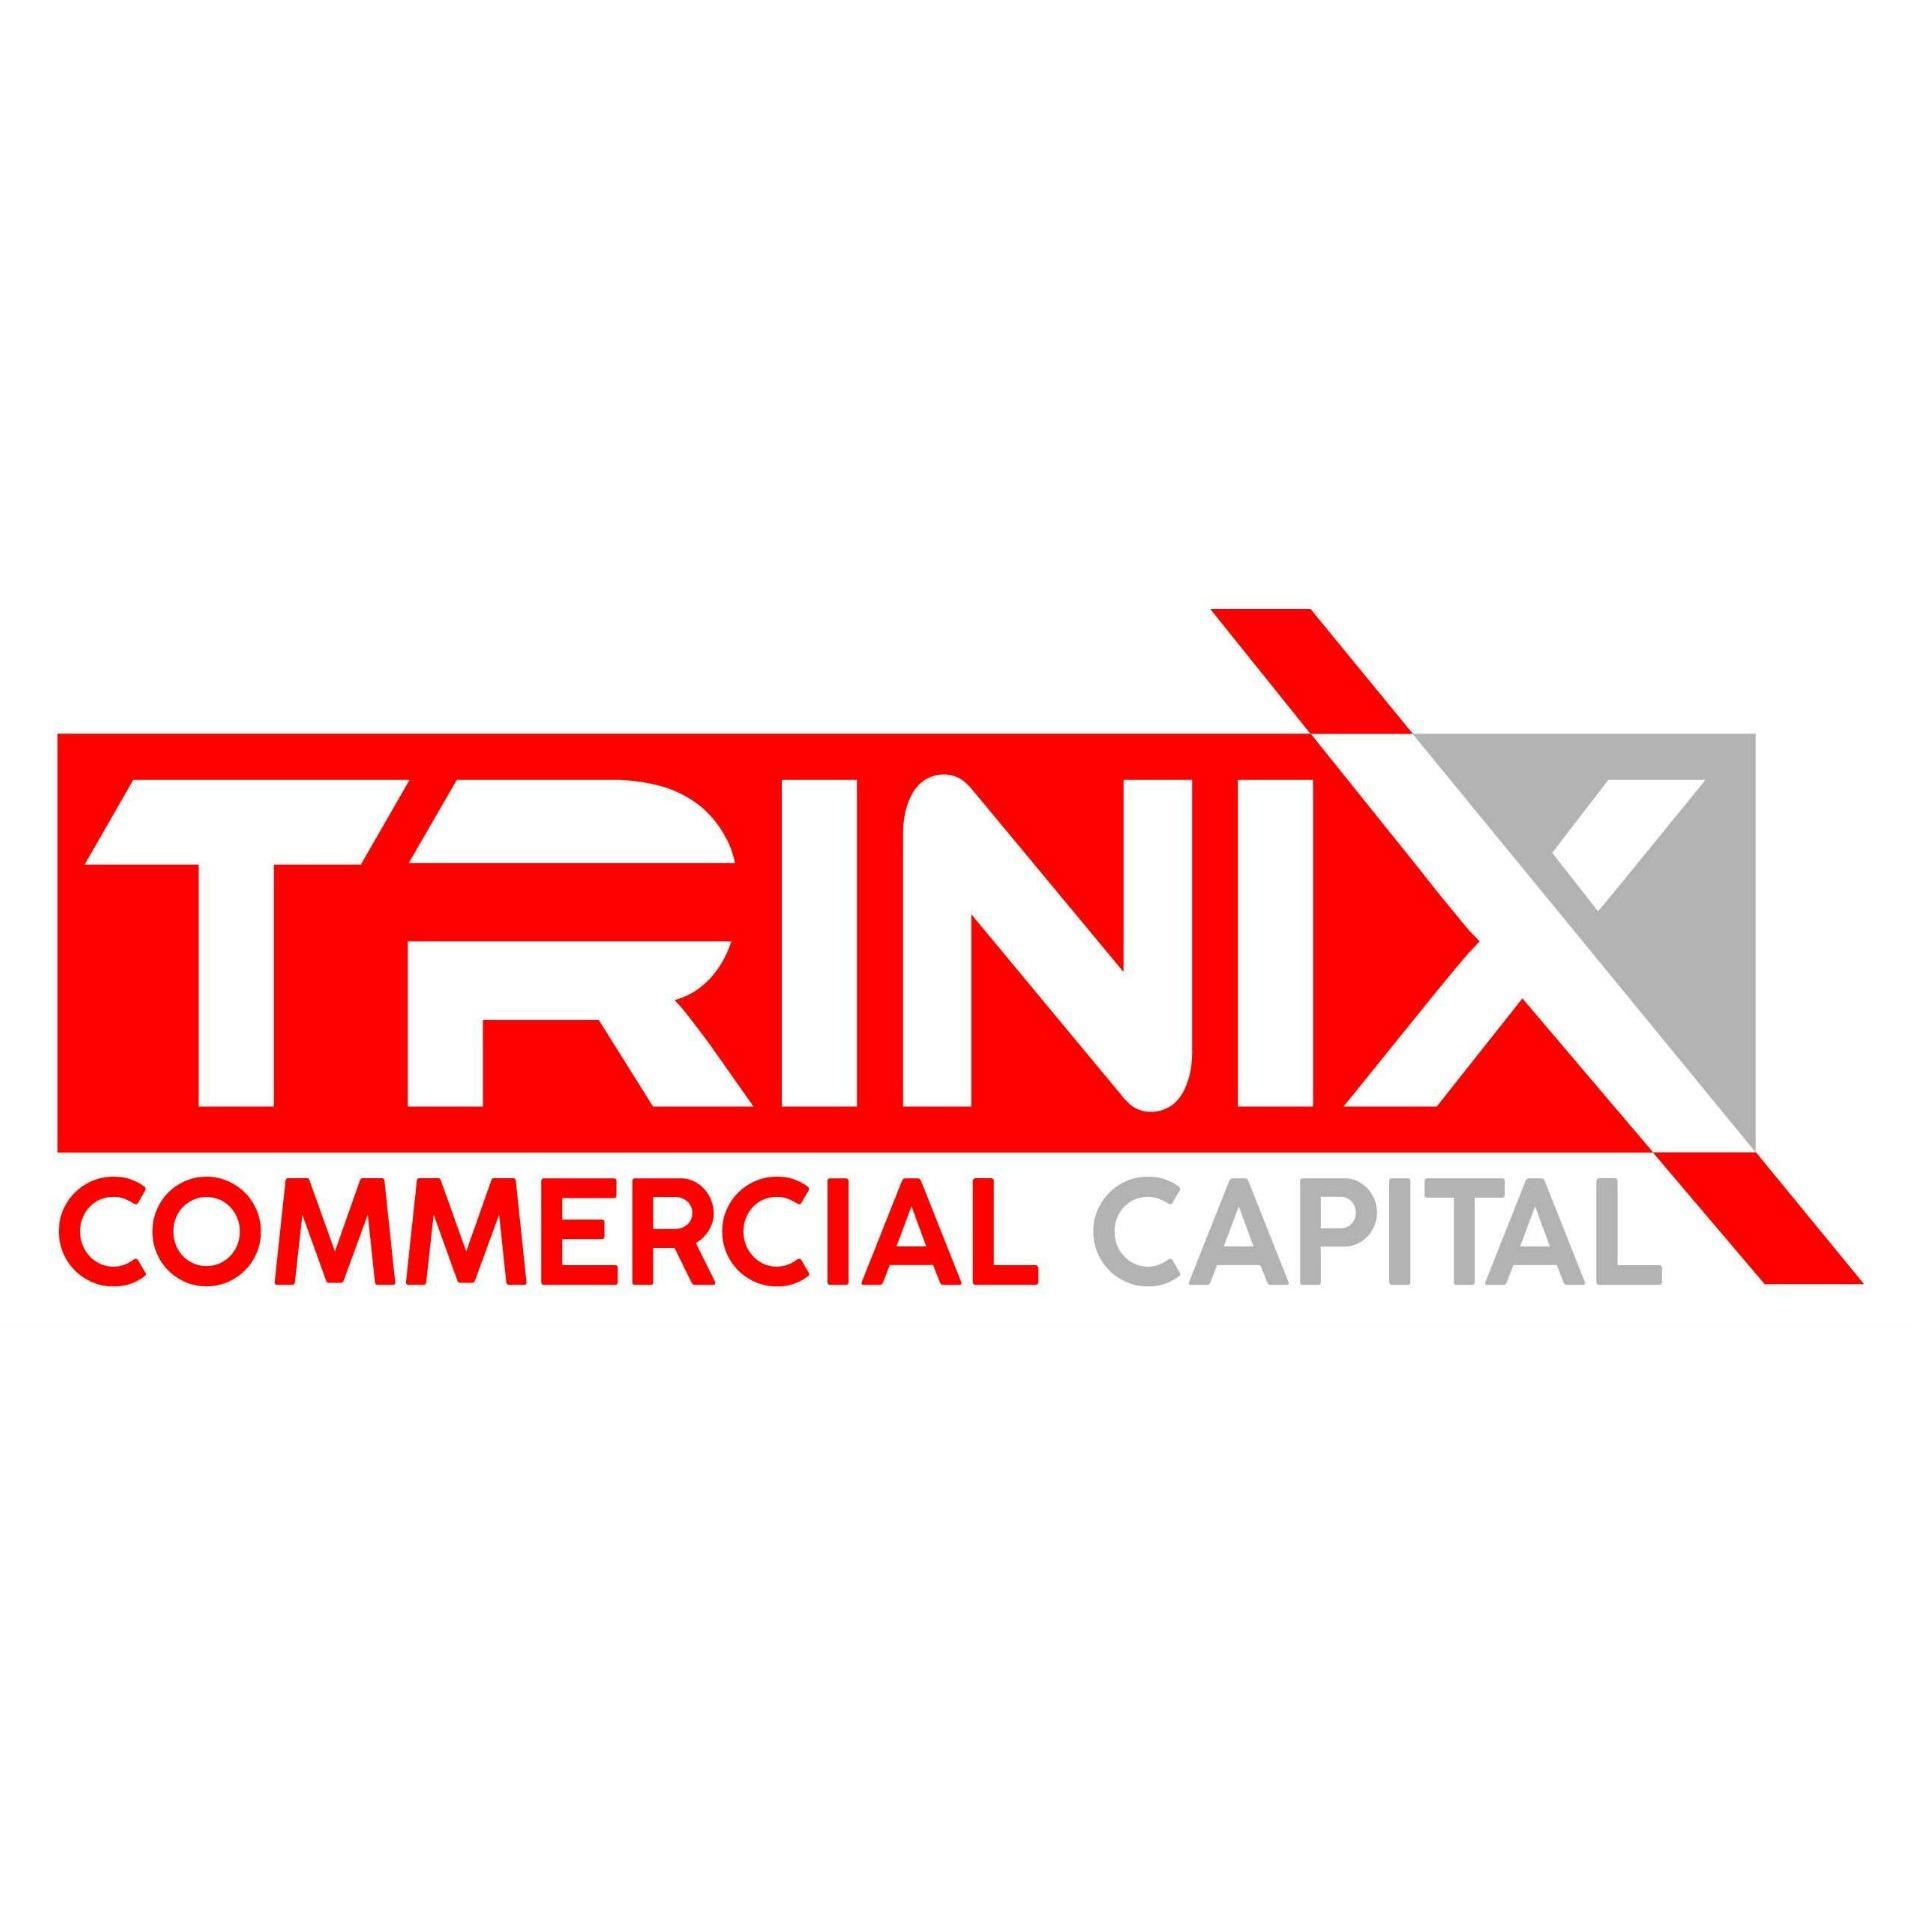 Trinix Commercial Capital